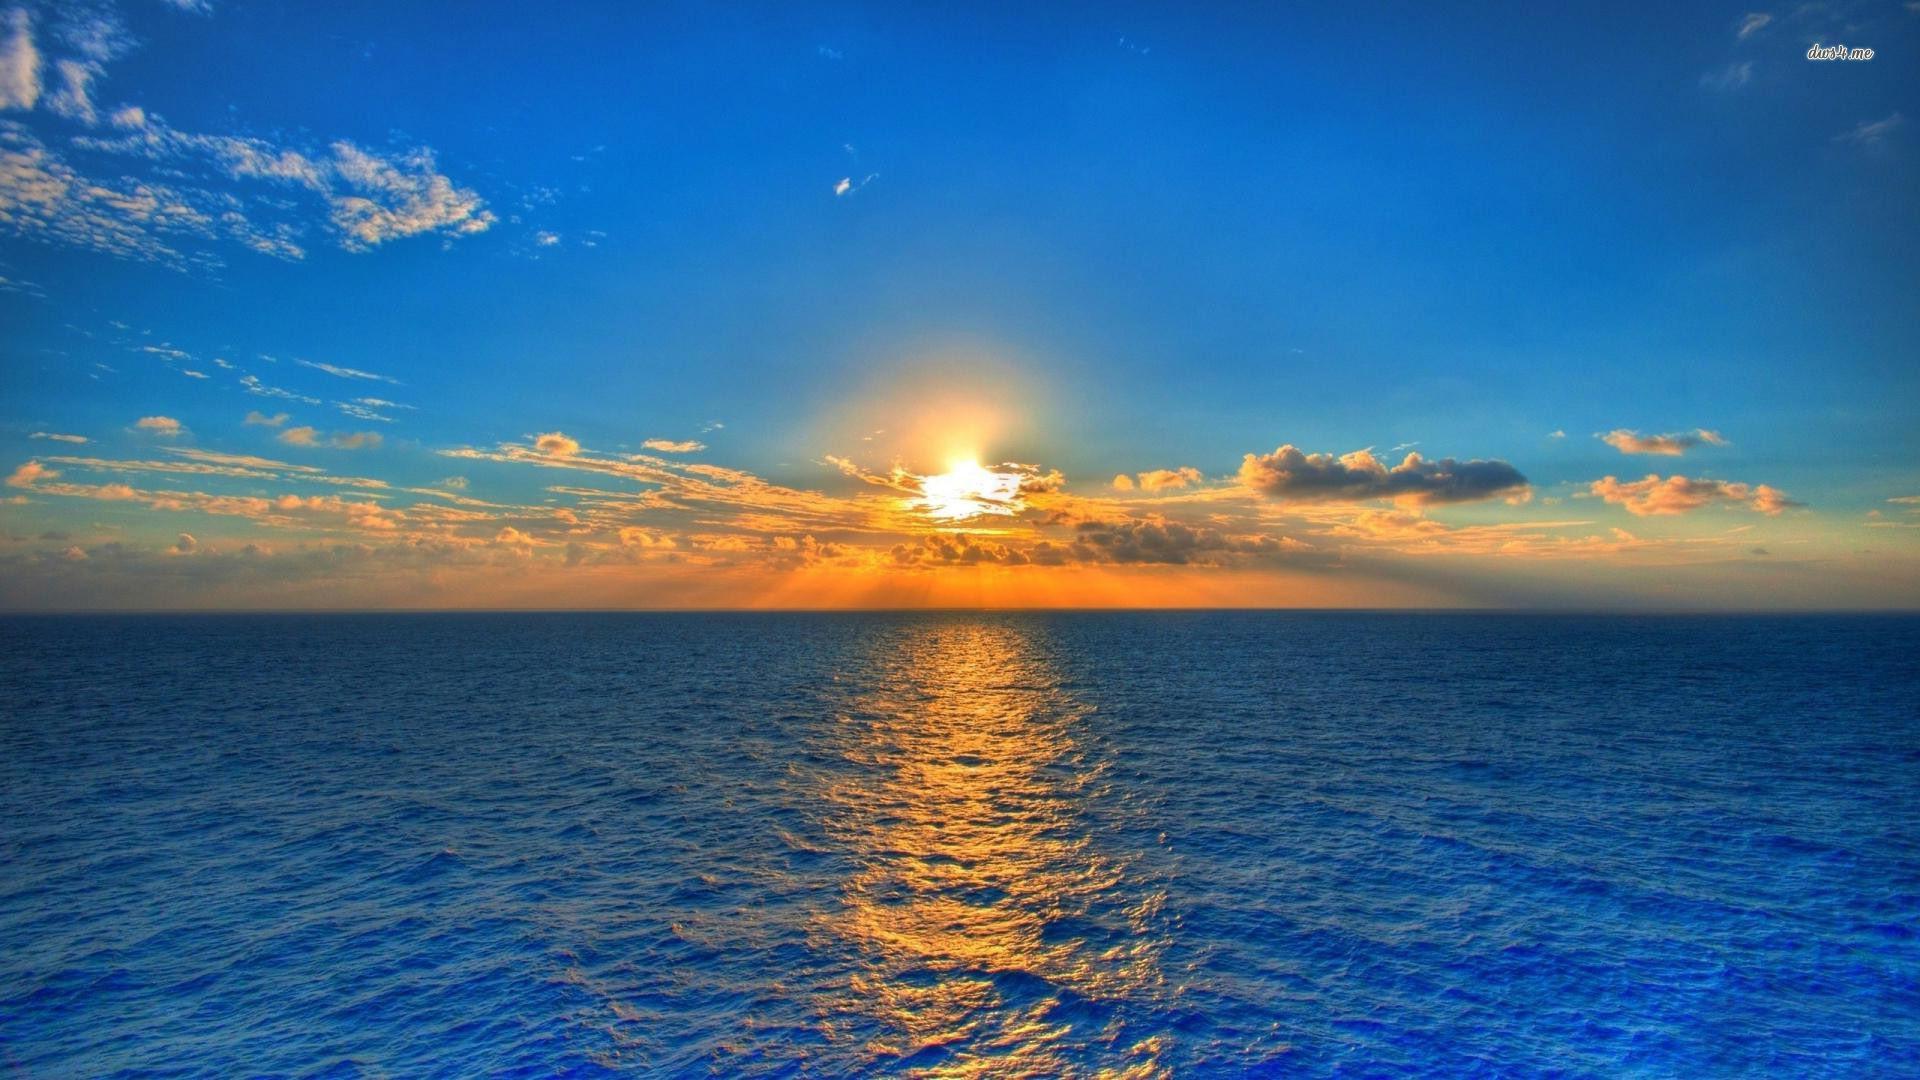 beach sunset background wallpaper free hd 3d desktop wallpapers hd